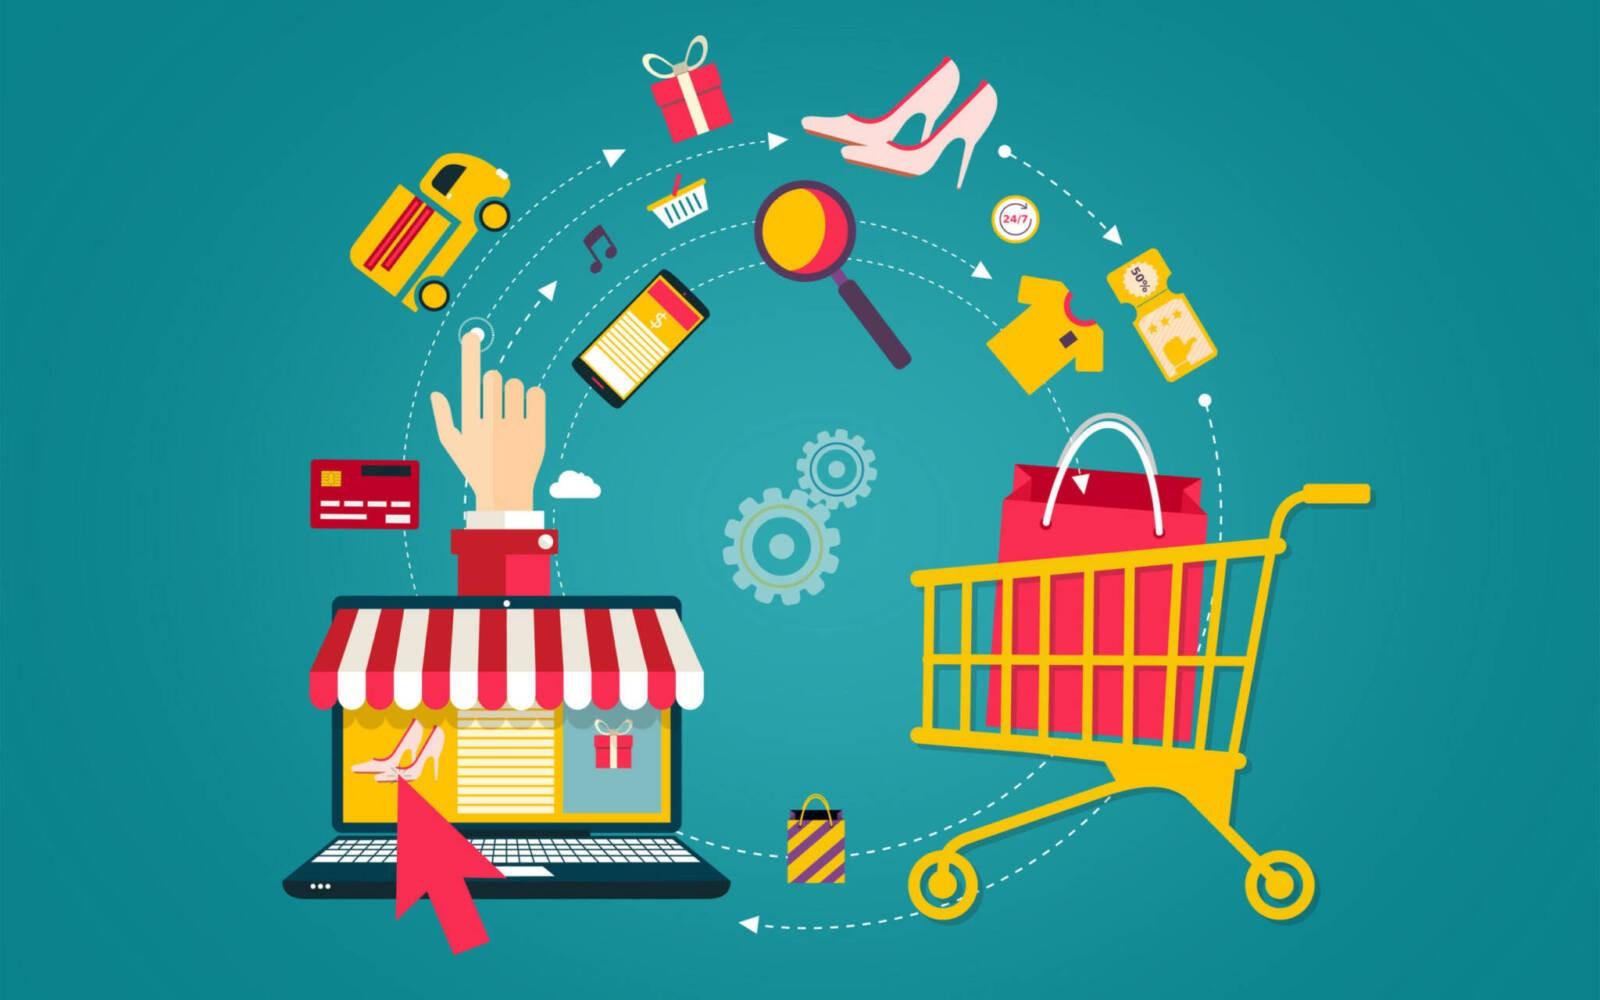 Sobe número de ecommerces desprotegidos